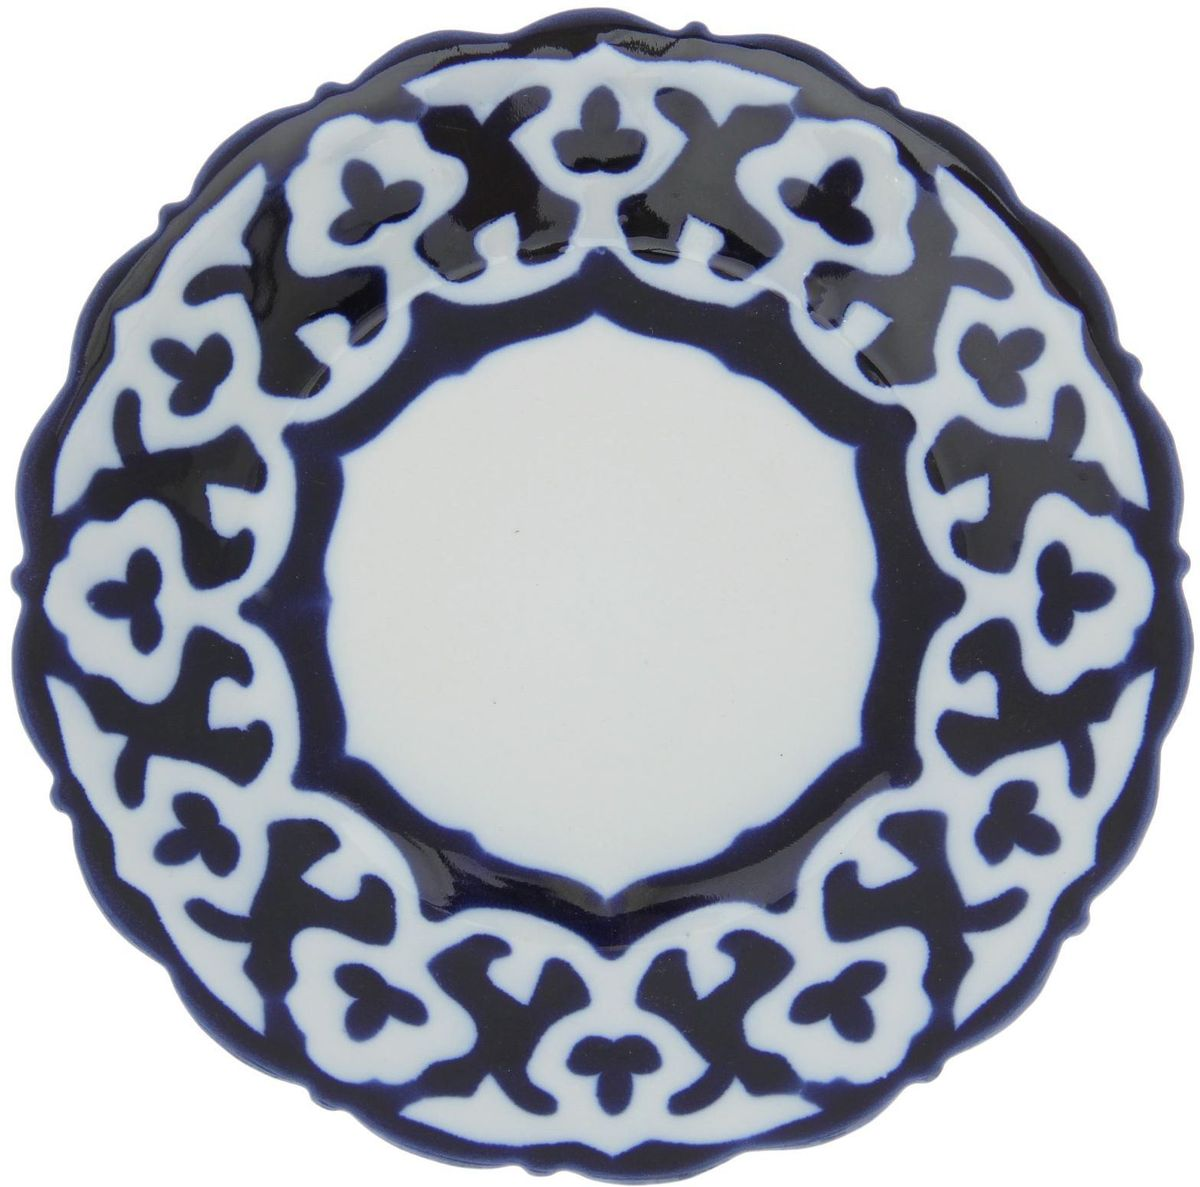 """Узбекская посуда известна всему миру уже более тысячи лет. Ей любовались царские особы, на ней подавали еду для шейхов и знатных персон. Формулы красок и глазури передаются из поколения в поколение. По сей день качественные расписные изделия продолжают восхищать совершенством и завораживающей красотой.  Тарелка Turon Porcelain """"Пахта"""" подойдет для повседневной и праздничной сервировки. Дополните стол текстилем и салфетками в тон, чтобы получить элегантное убранство с яркими акцентами.  Национальная узбекская роспись """"Пахта"""" сдержанна и благородна. Витиеватые узоры выводятся тонкой кистью, а фон заливается кобальтом. Синий краситель при обжиге слегка растекается и придает контуру изображений голубой оттенок. Густая глазурь наносится толстым слоем, благодаря чему рисунок мерцает."""